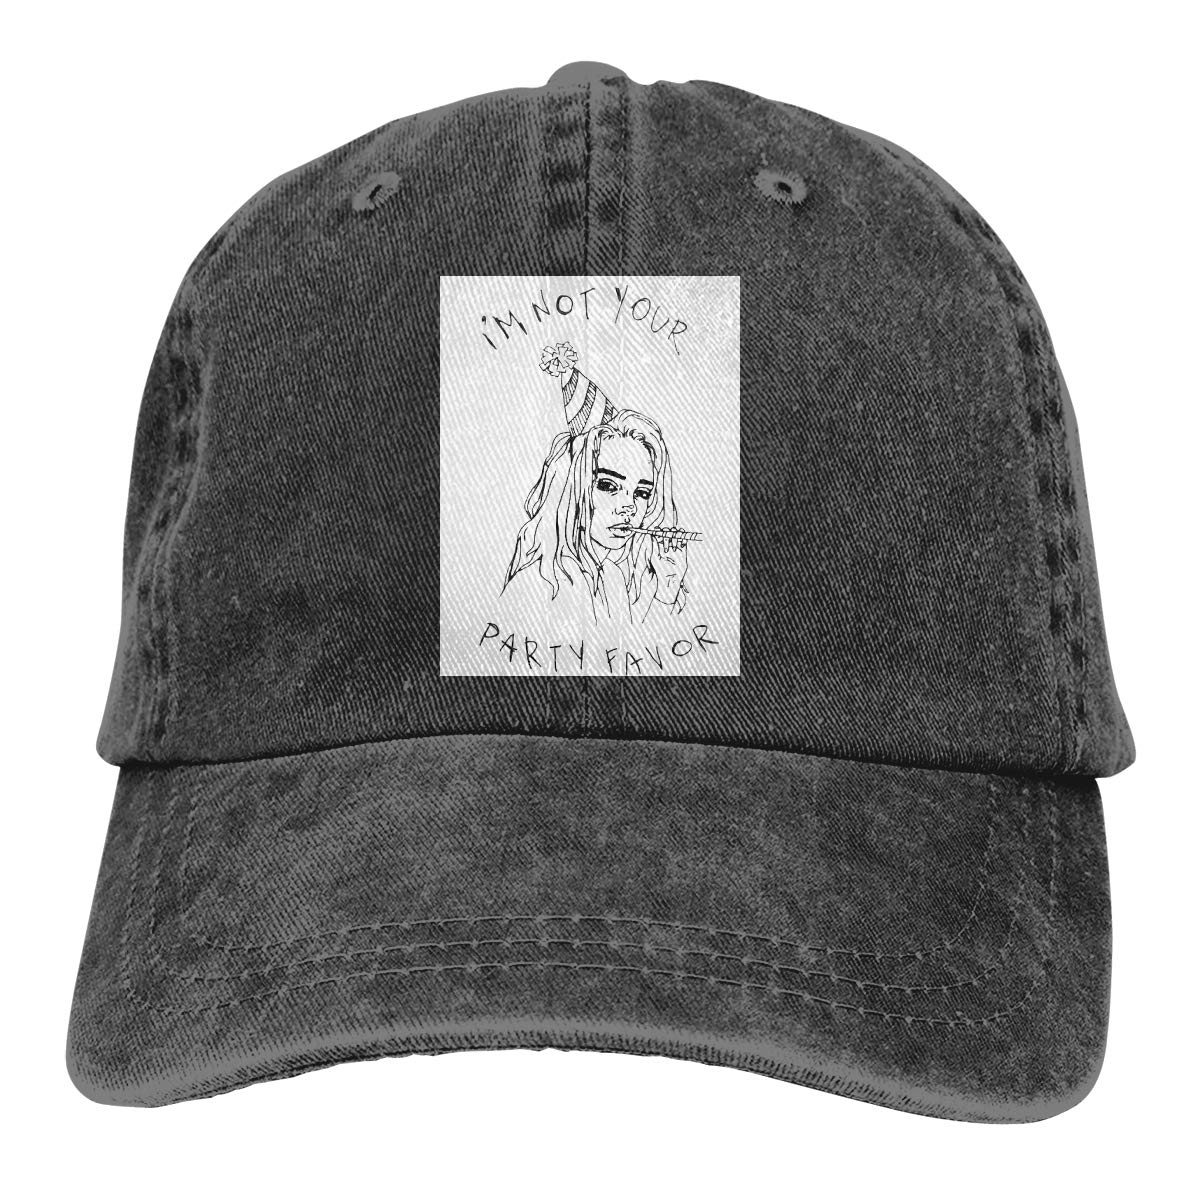 Feeling Unique Billie-Eilish Vintage Jeans Baseball Cap Classic Cotton Dad Hat Adjustable Plain Cap Black 6